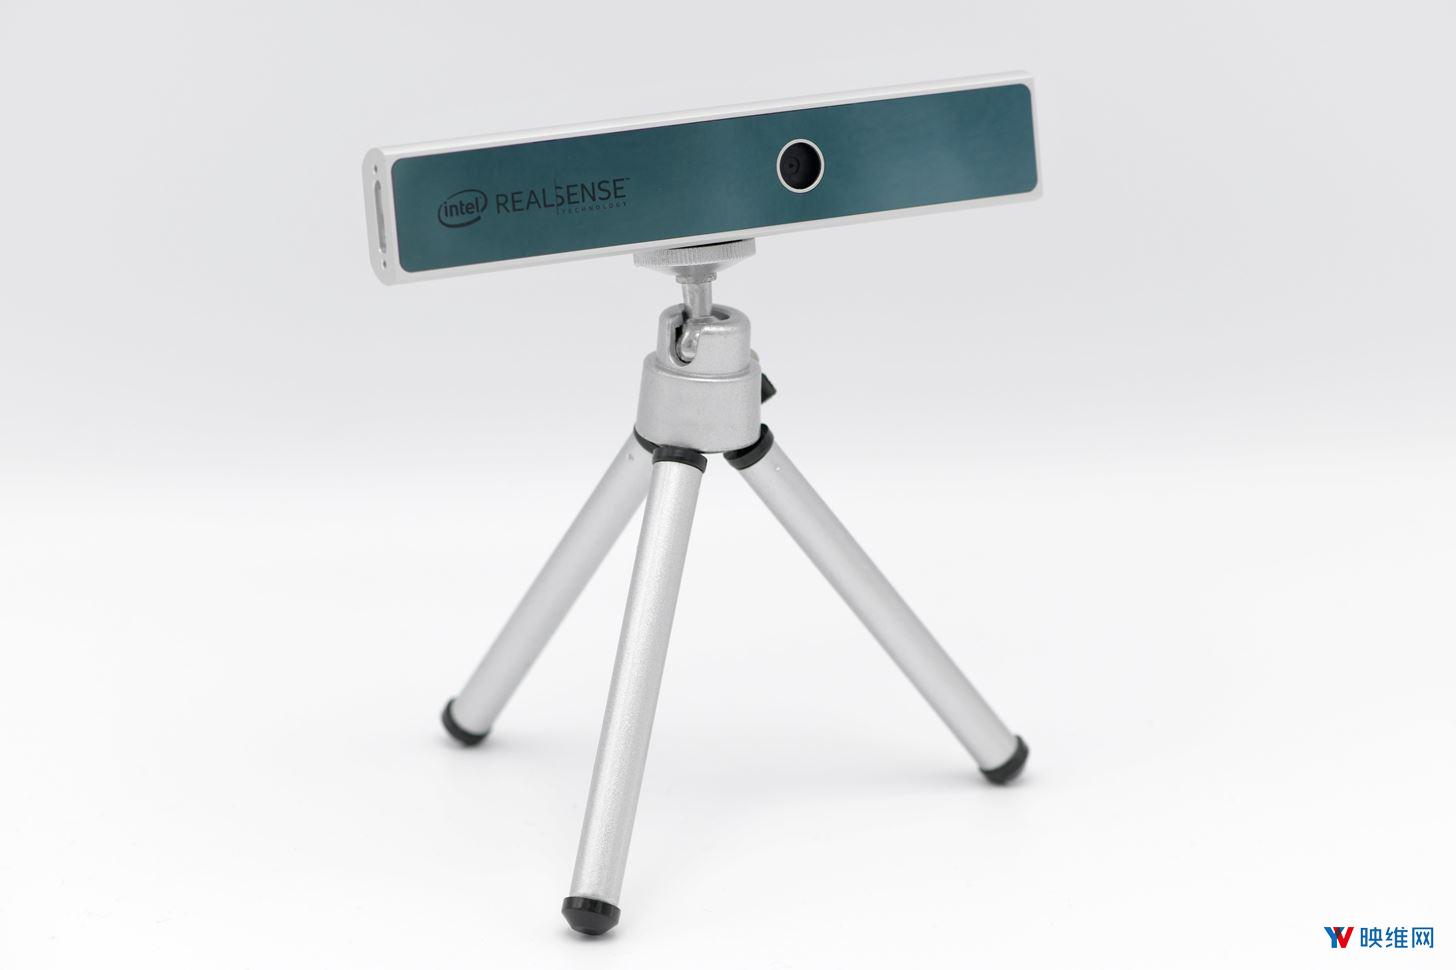 英特尔推出入门级实感摄像头SR305售价79美元